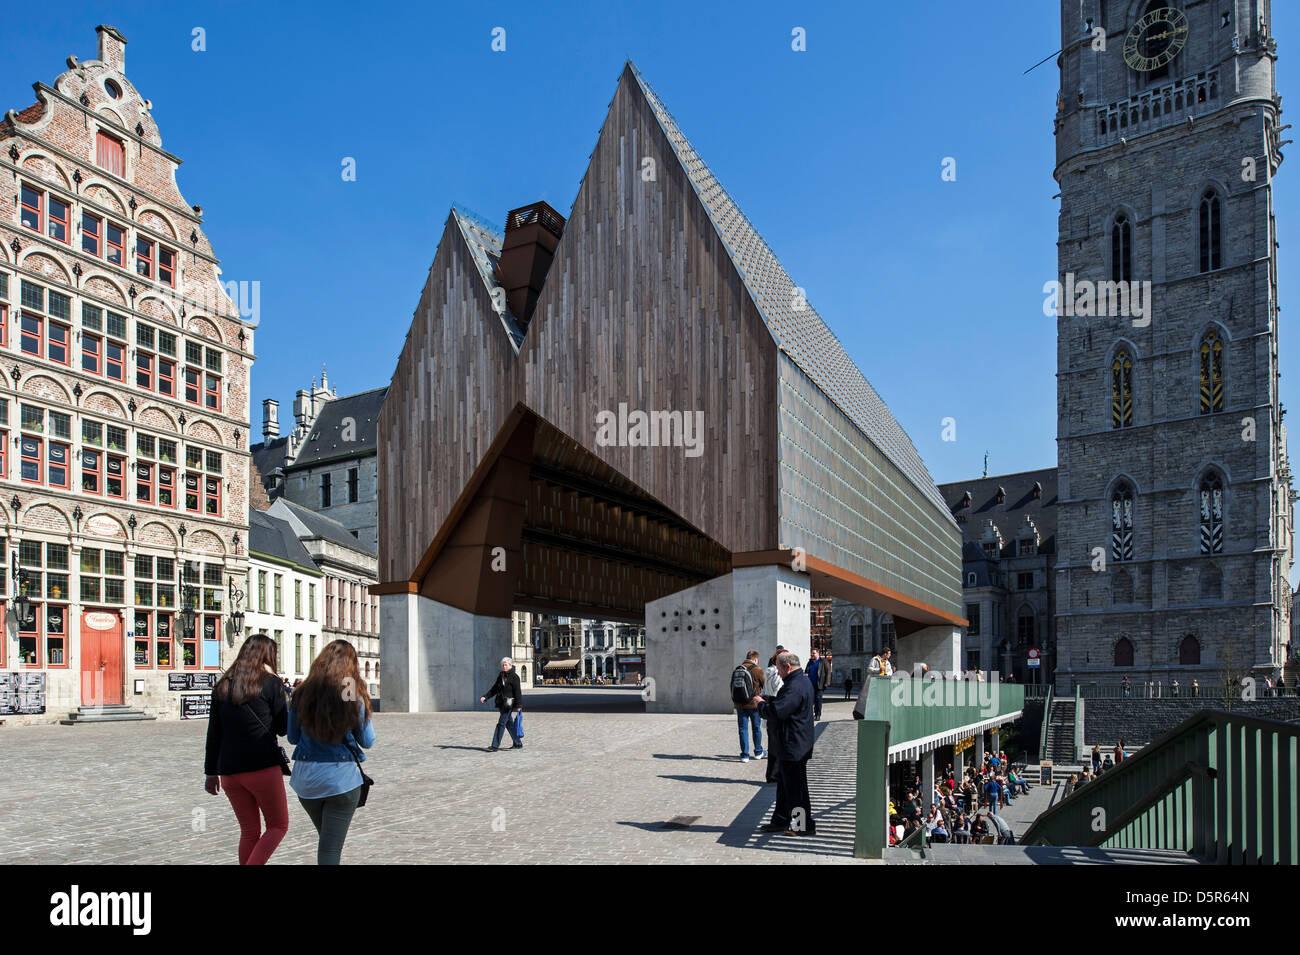 6910a35d2e Il moderno Gentse Stadshal / Gand il mercato coperto e la torre campanaria  nel centro storico di Ghent, Belgio